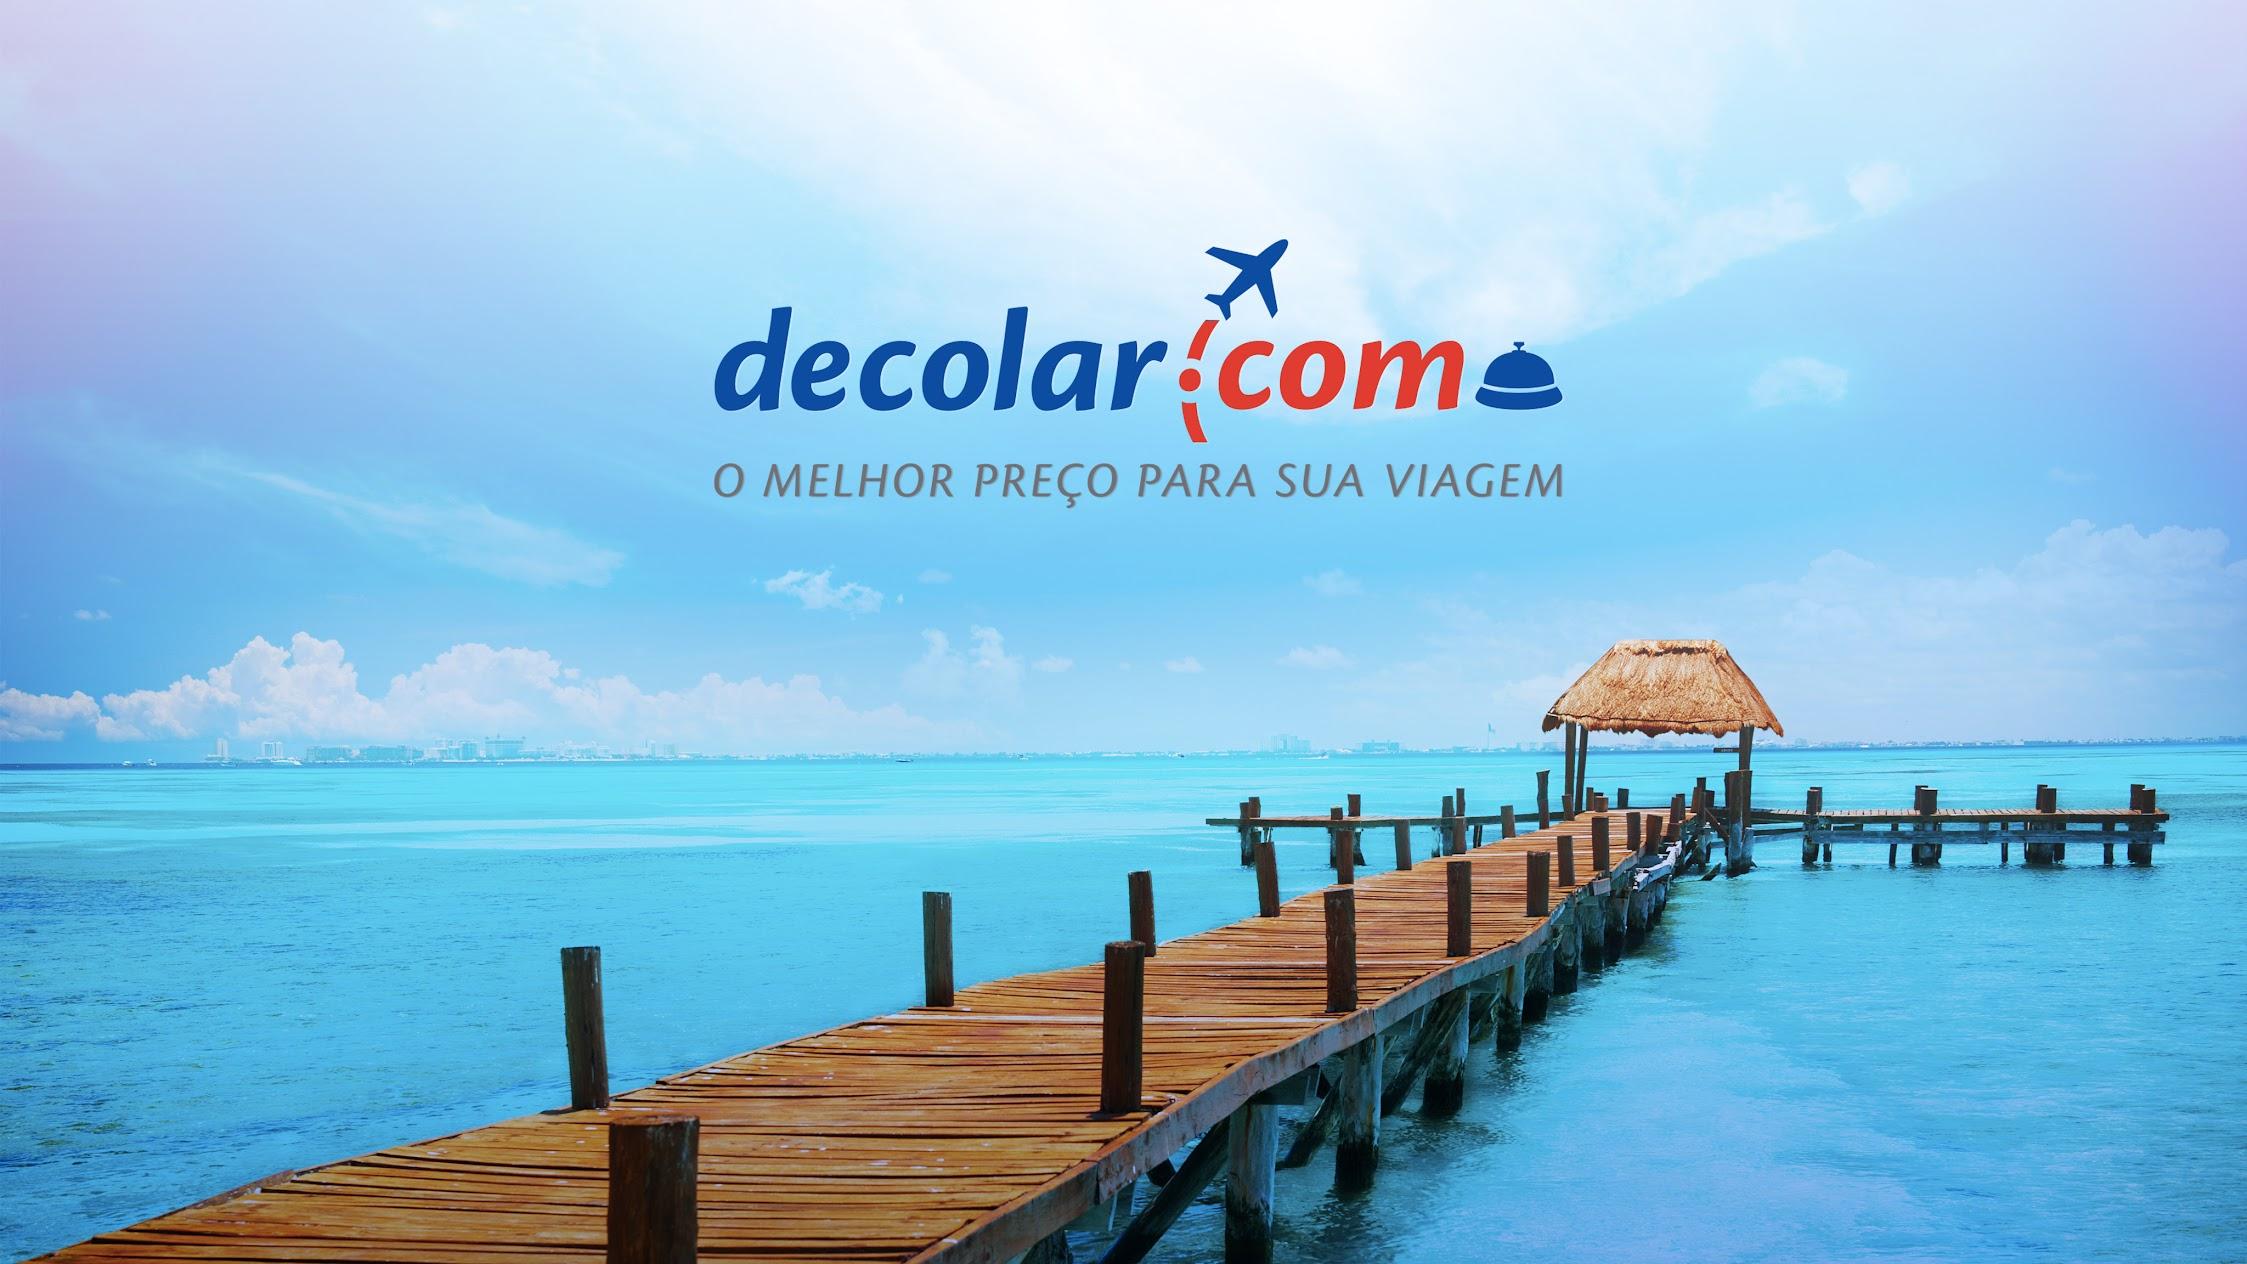 Decolar.com Ltda